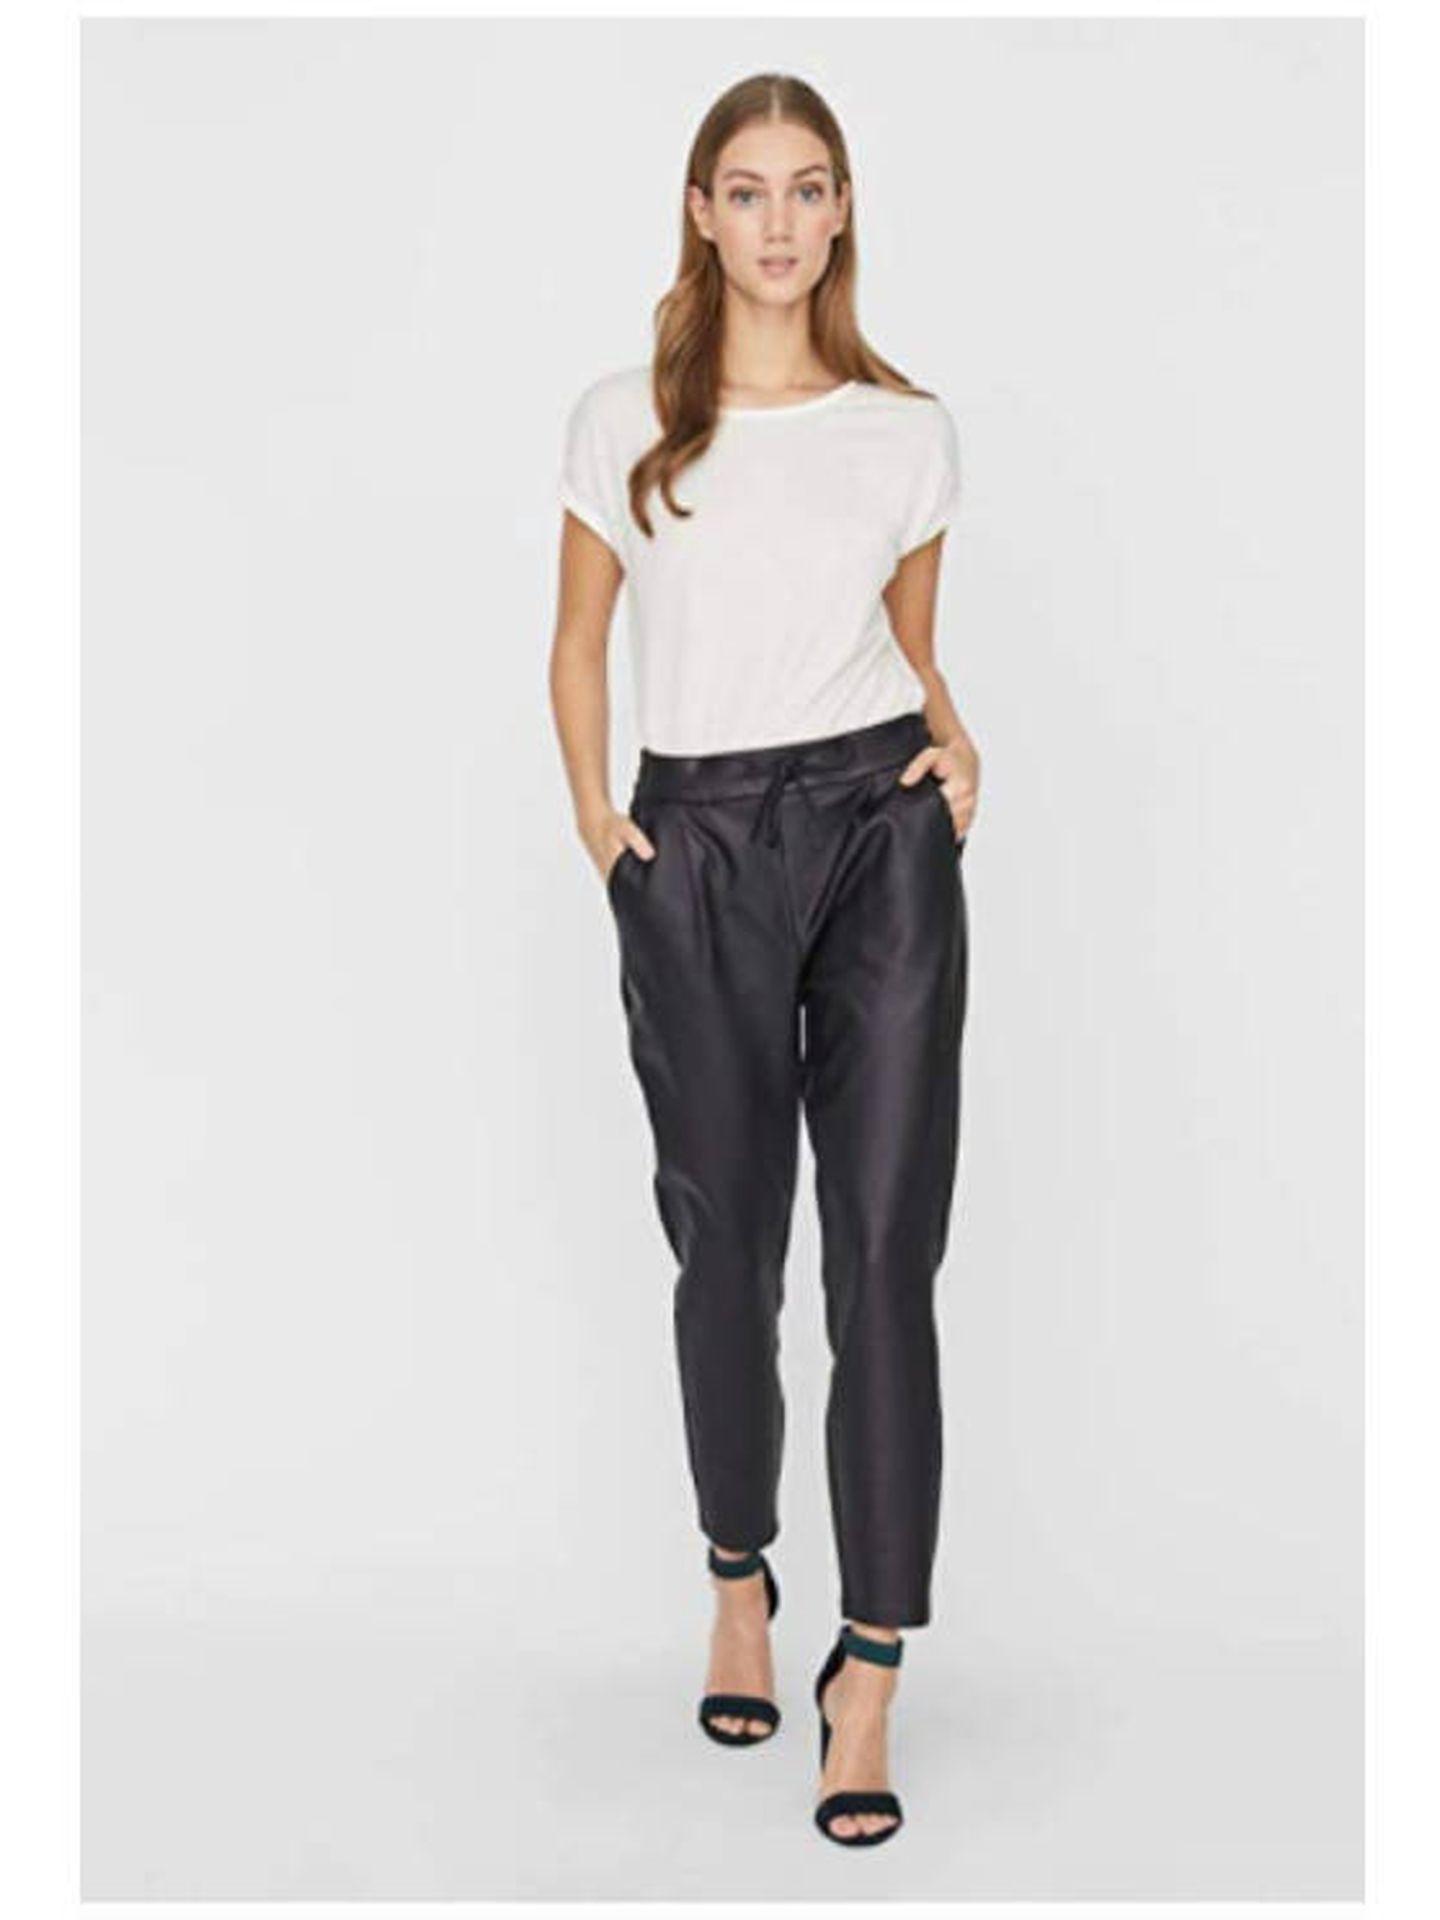 Pantalón de Vero Moda. (Cortesía)